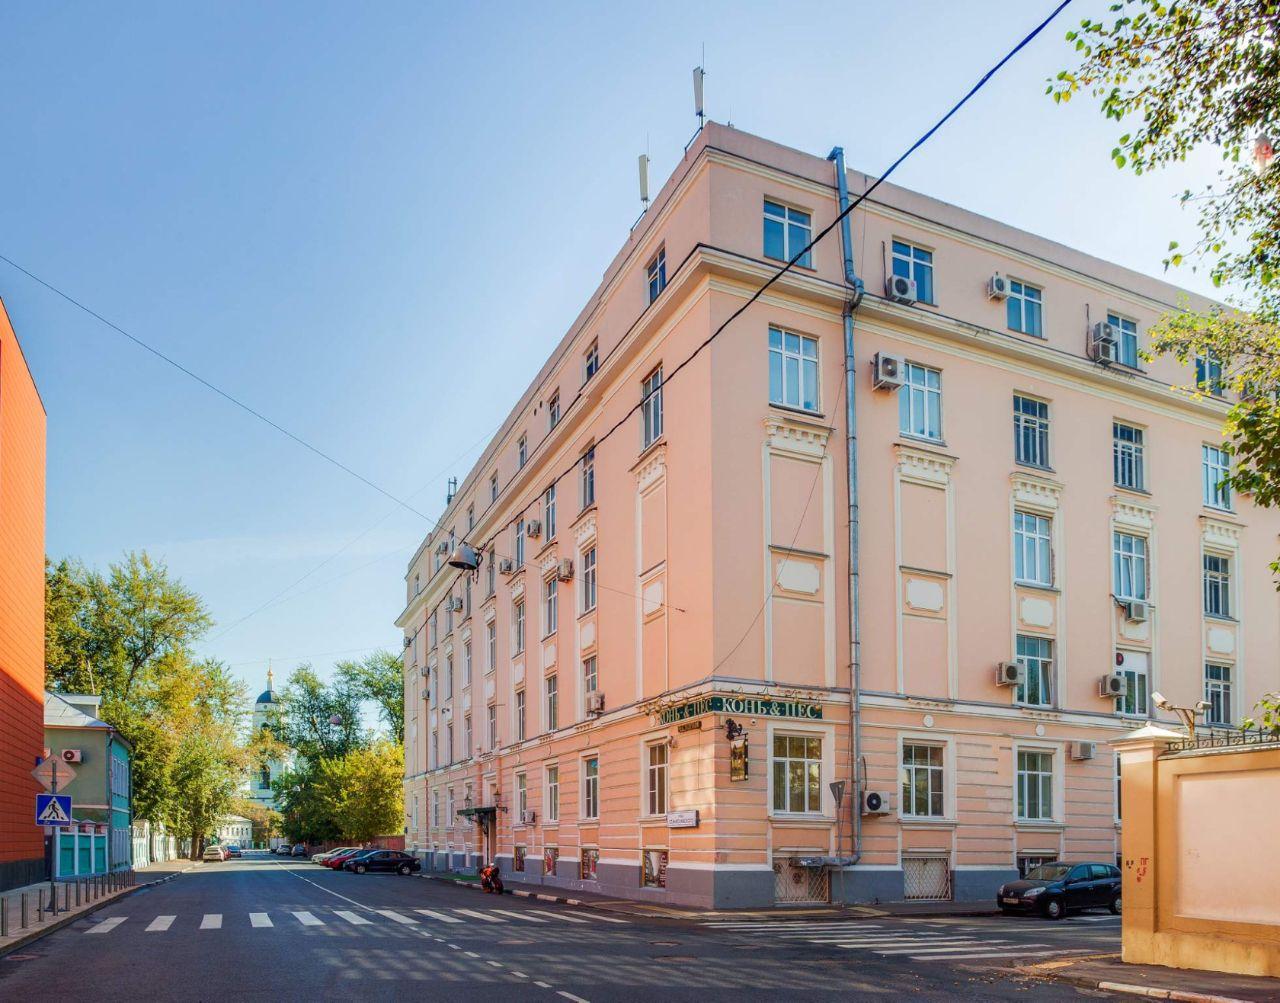 Помещение для фирмы Таможенный проезд коммерческая недвижимость незавершенное строительство иваново